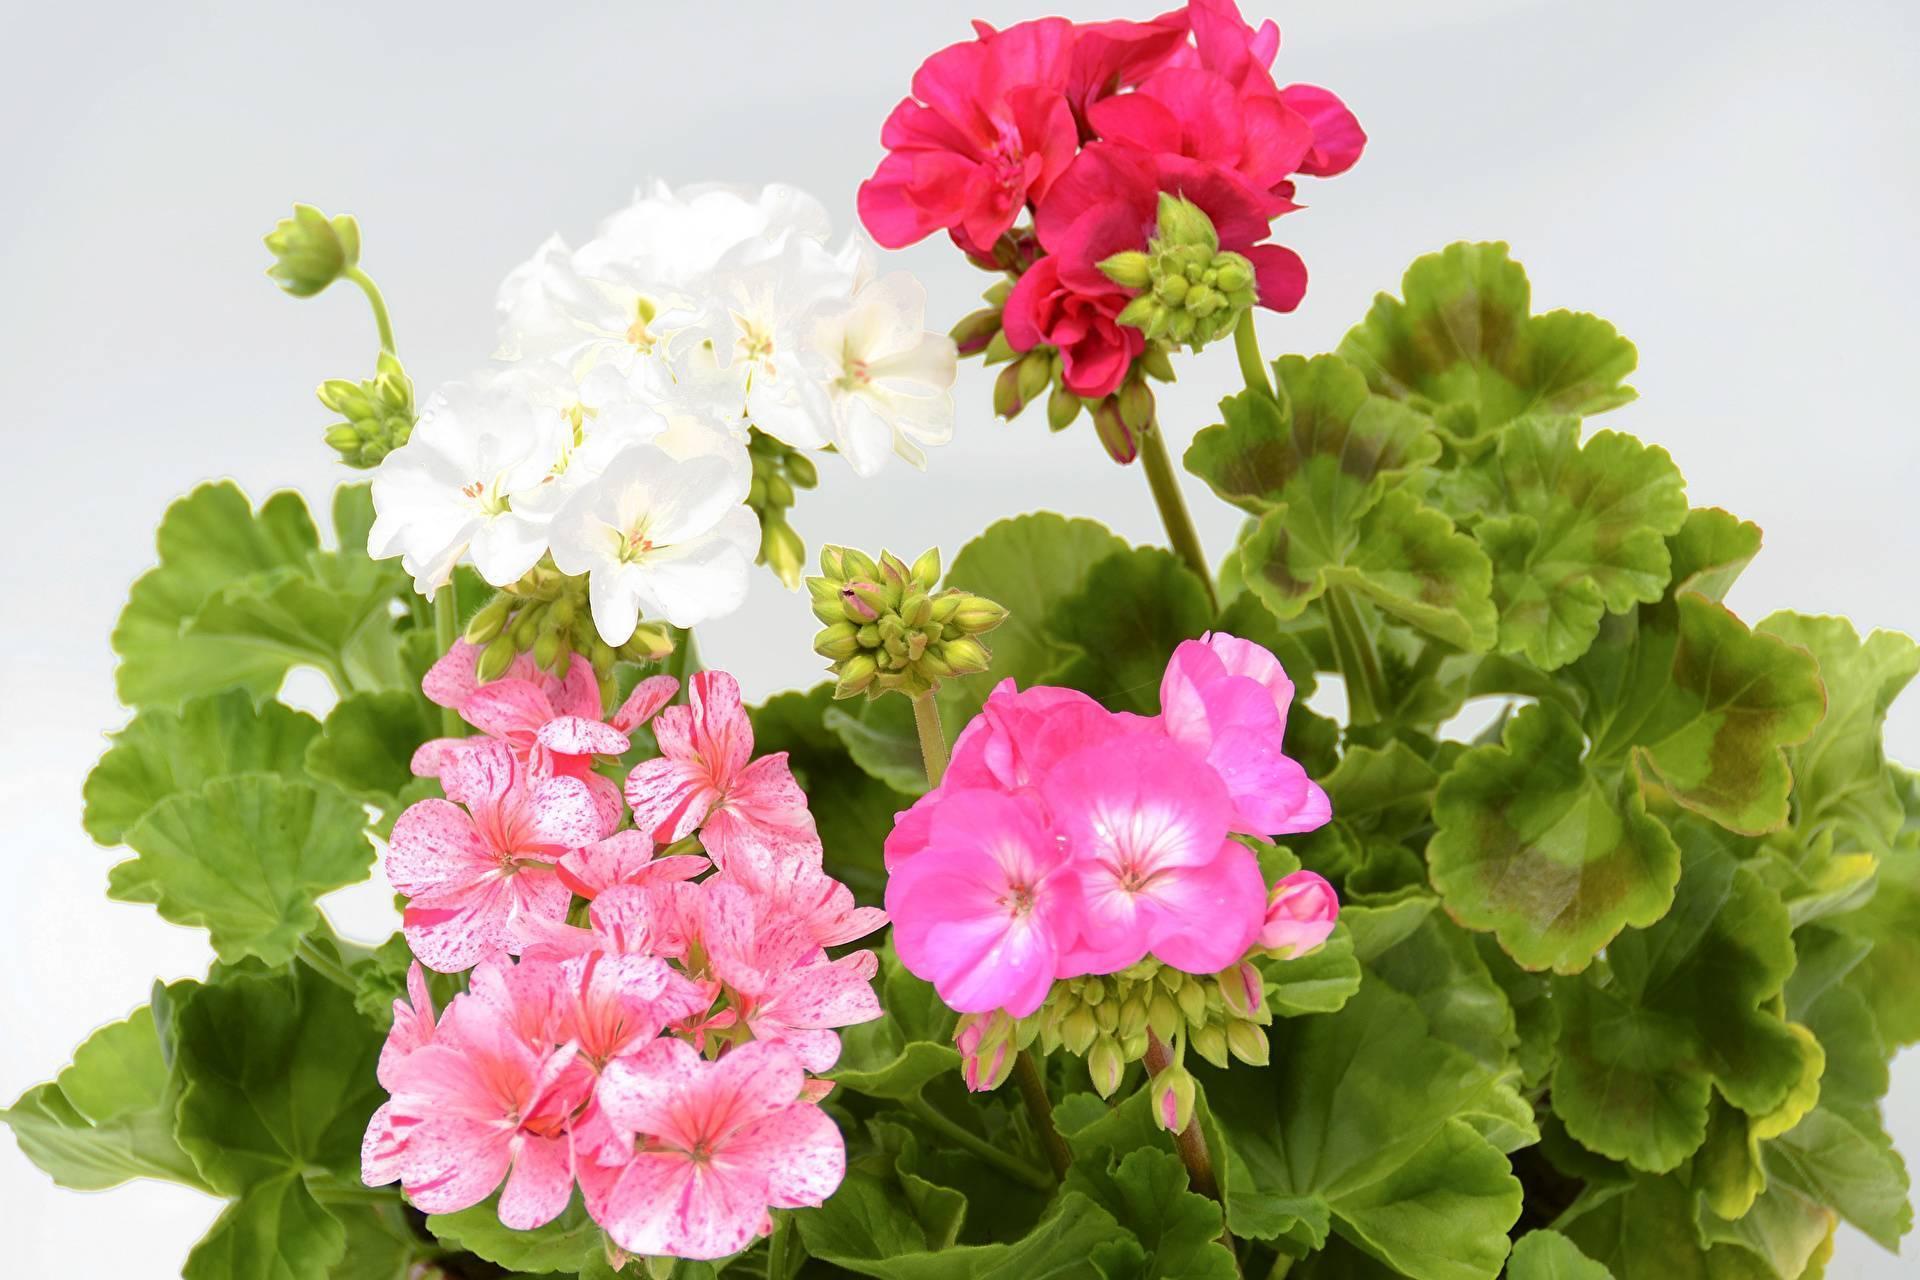 Почему не цветет пеларгония королевская, а дает только листву в домашних условиях: что делать для правильного уходи и как заставить растение распуститься?дача эксперт